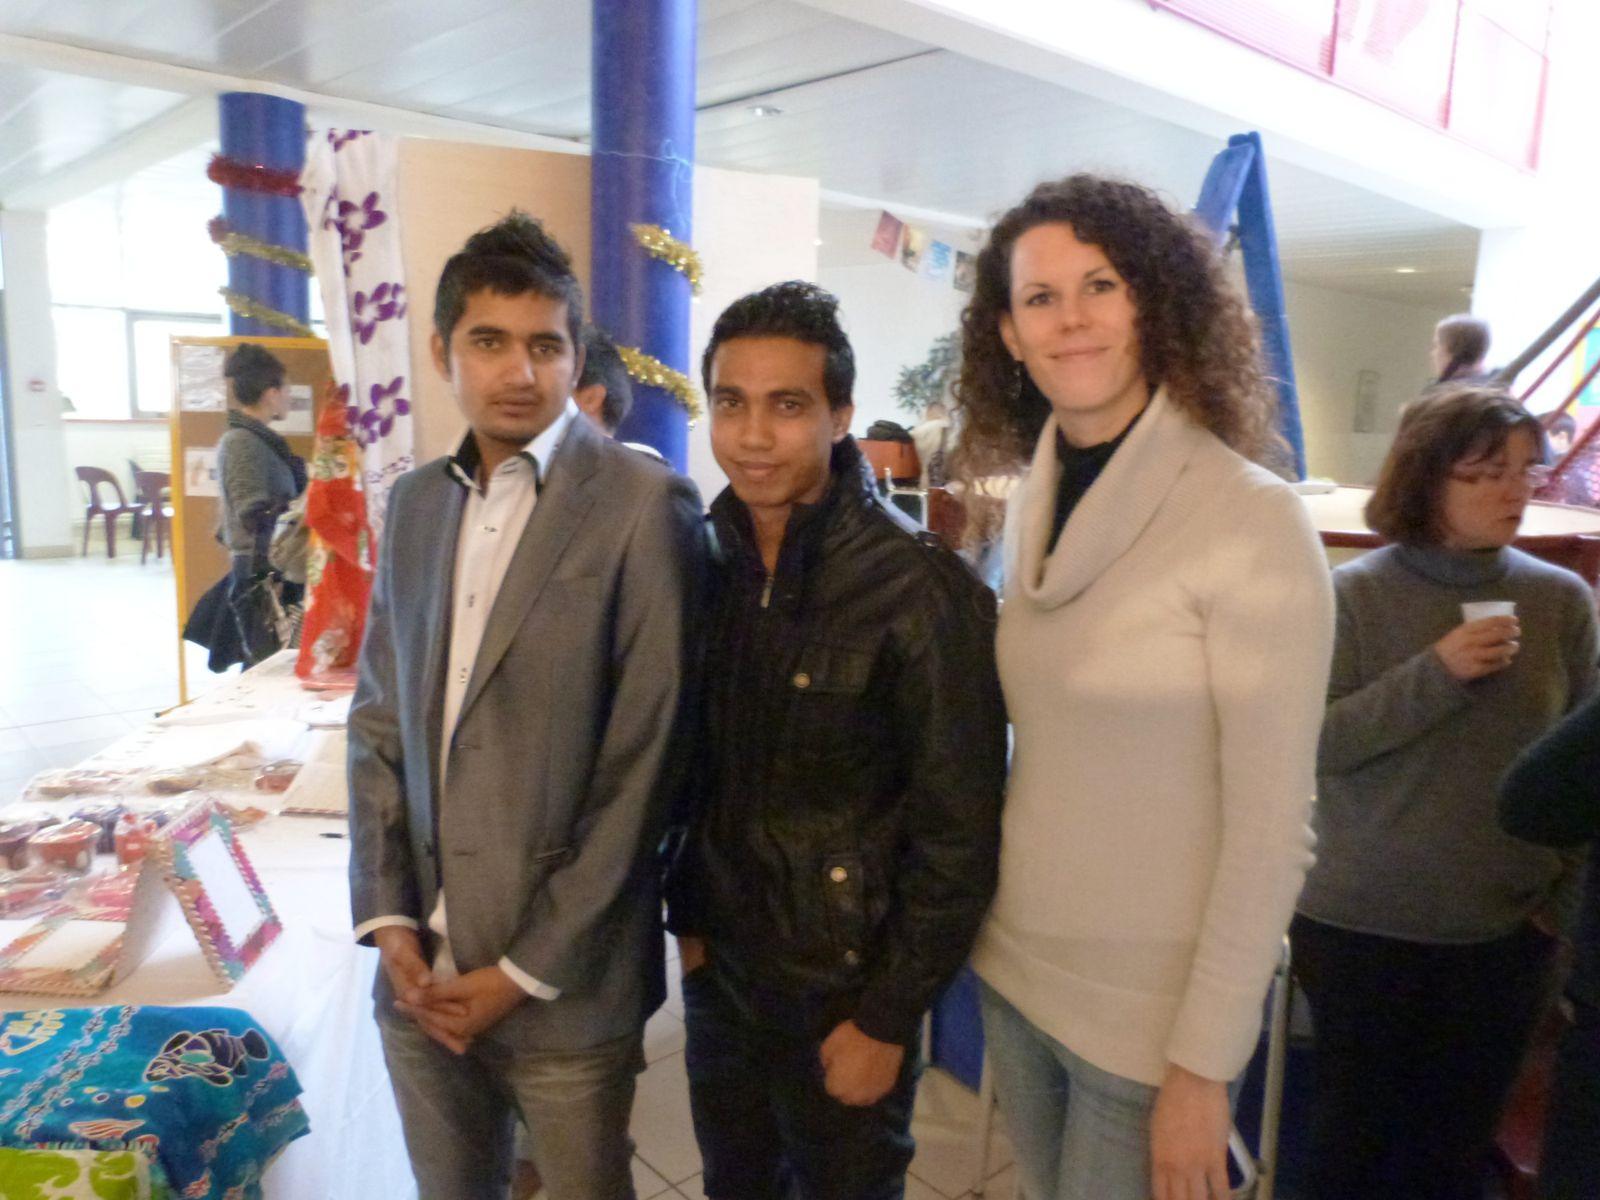 Décembre 2012 : Journée de vente en faveur de Madagascar au sein du lycée Jean Capelle à Bergerac à l'initiative d'Adnan